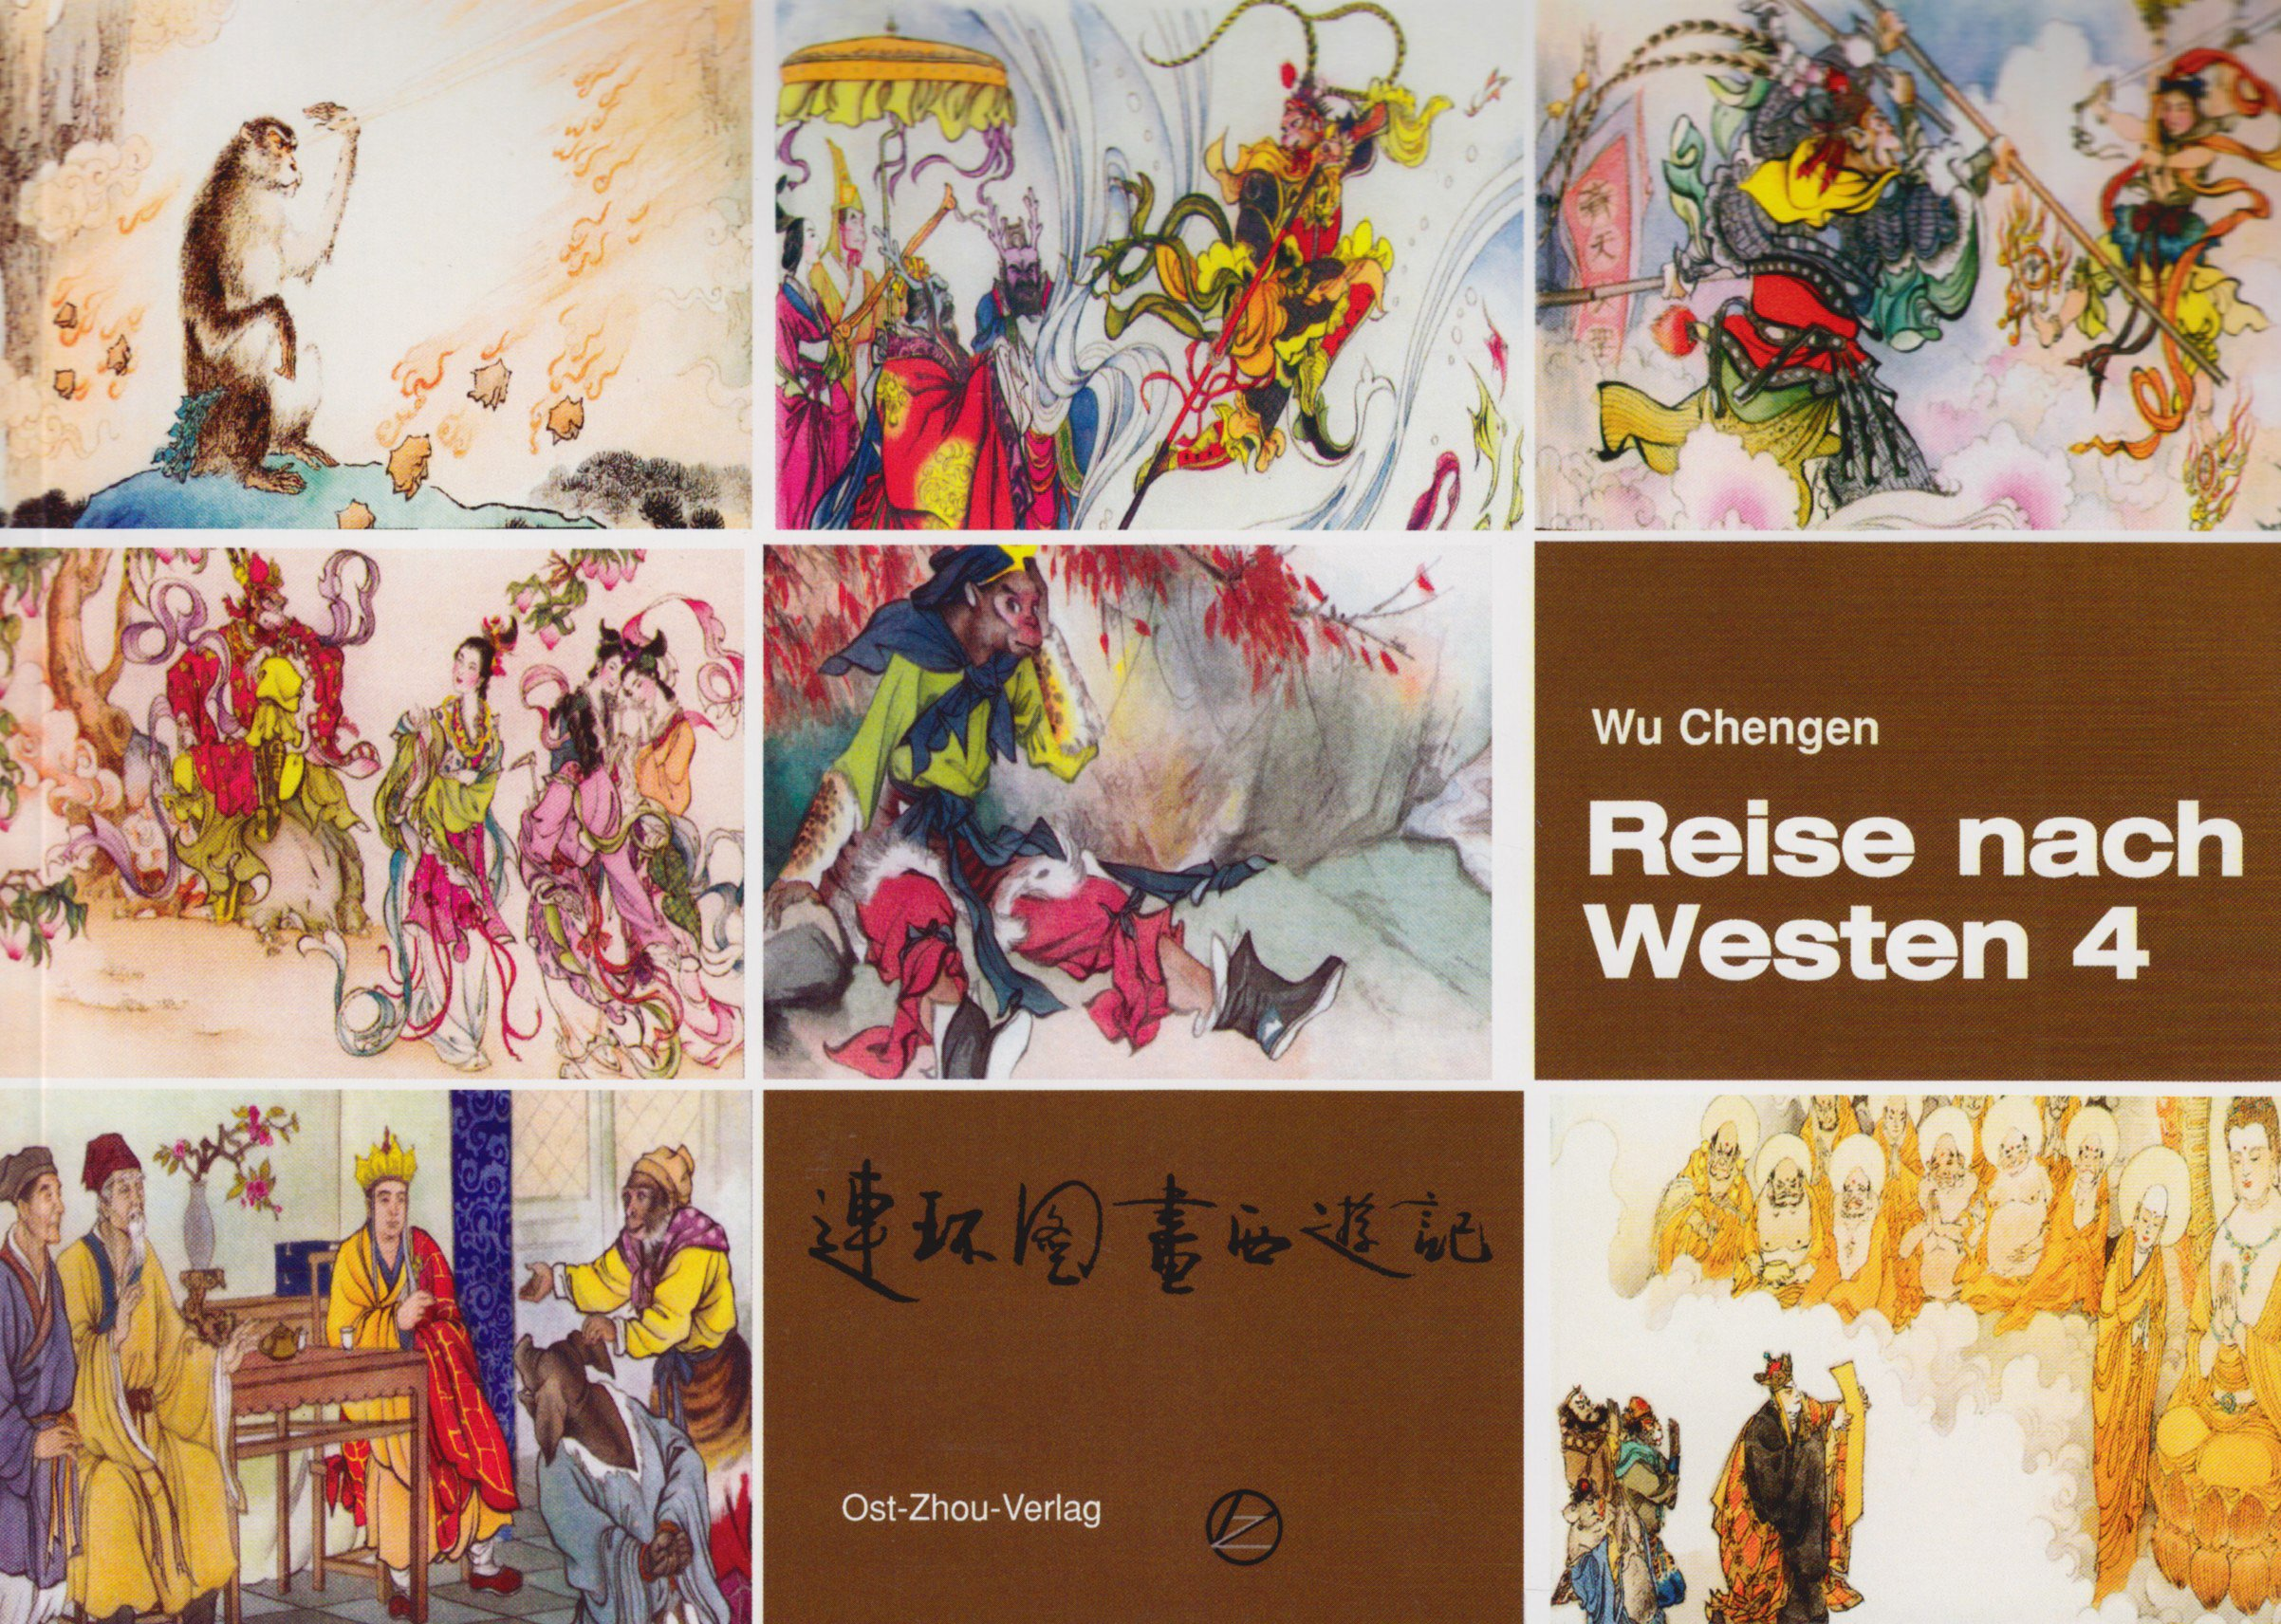 Reise nach Westen 4